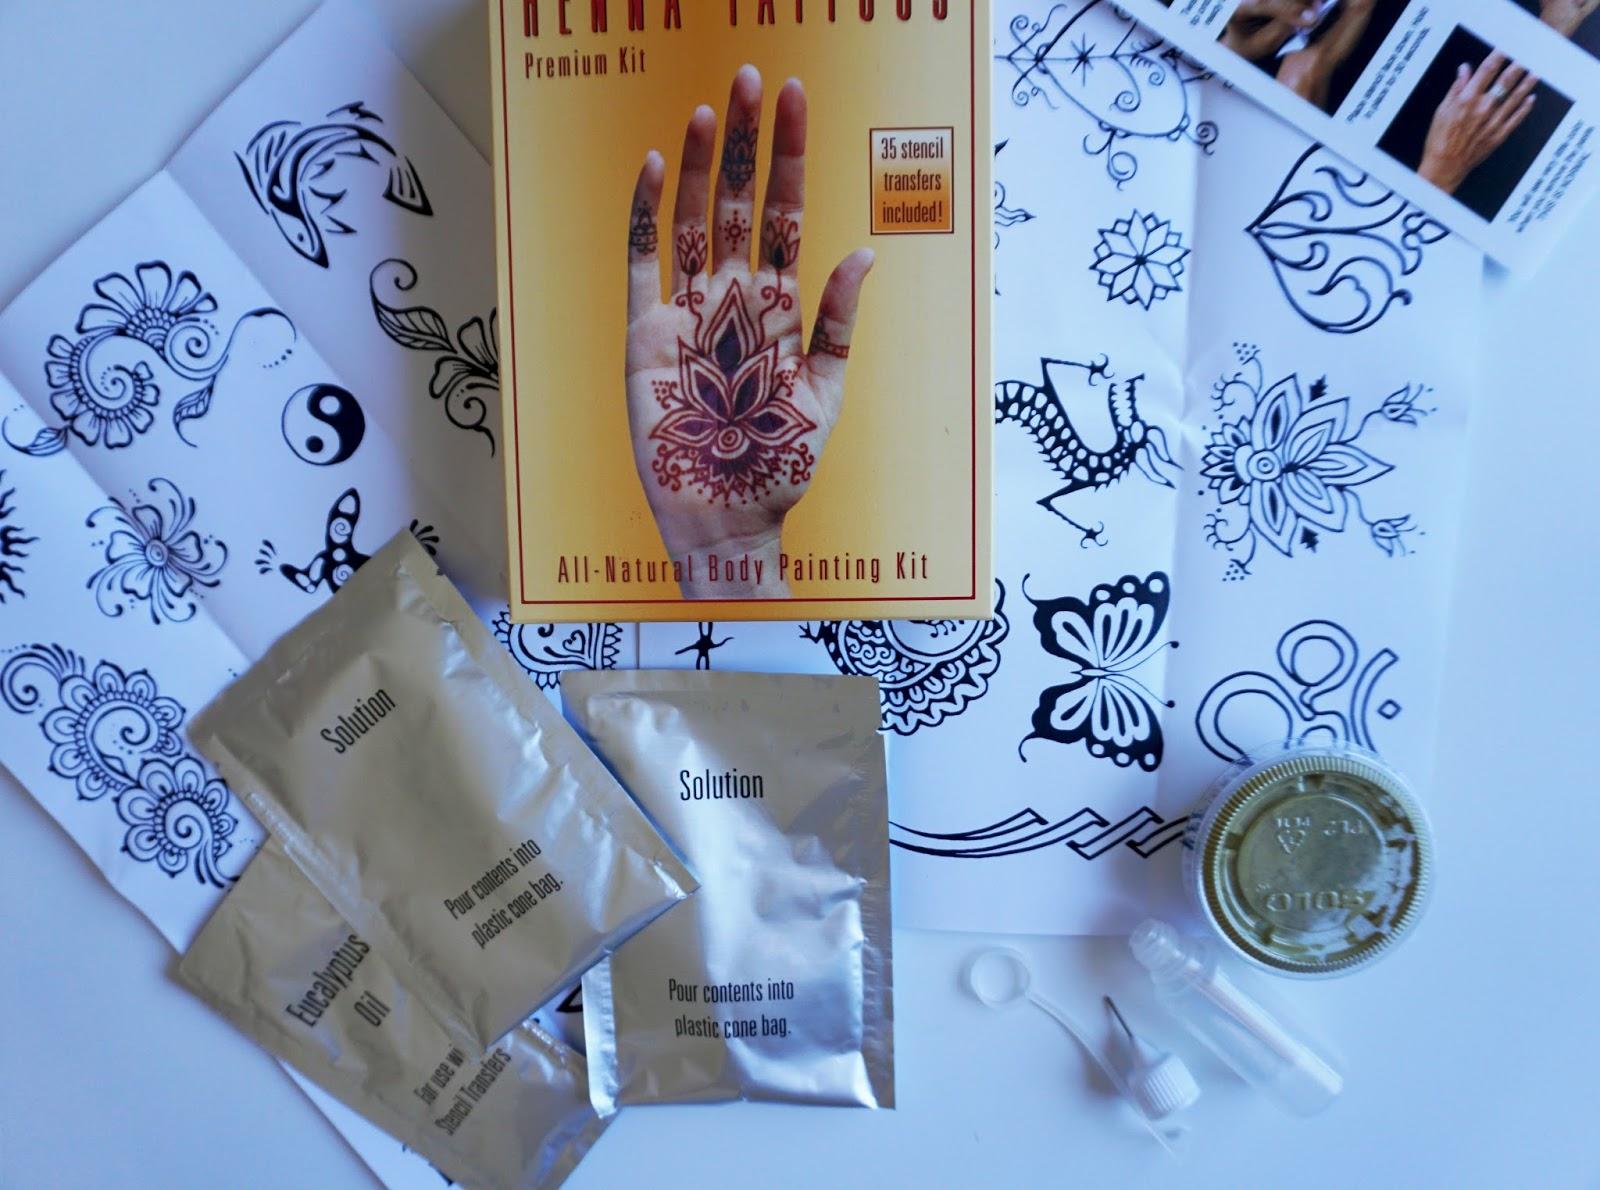 Henna Tattoo Kits For Sale: Jersey Girl, Texan Heart